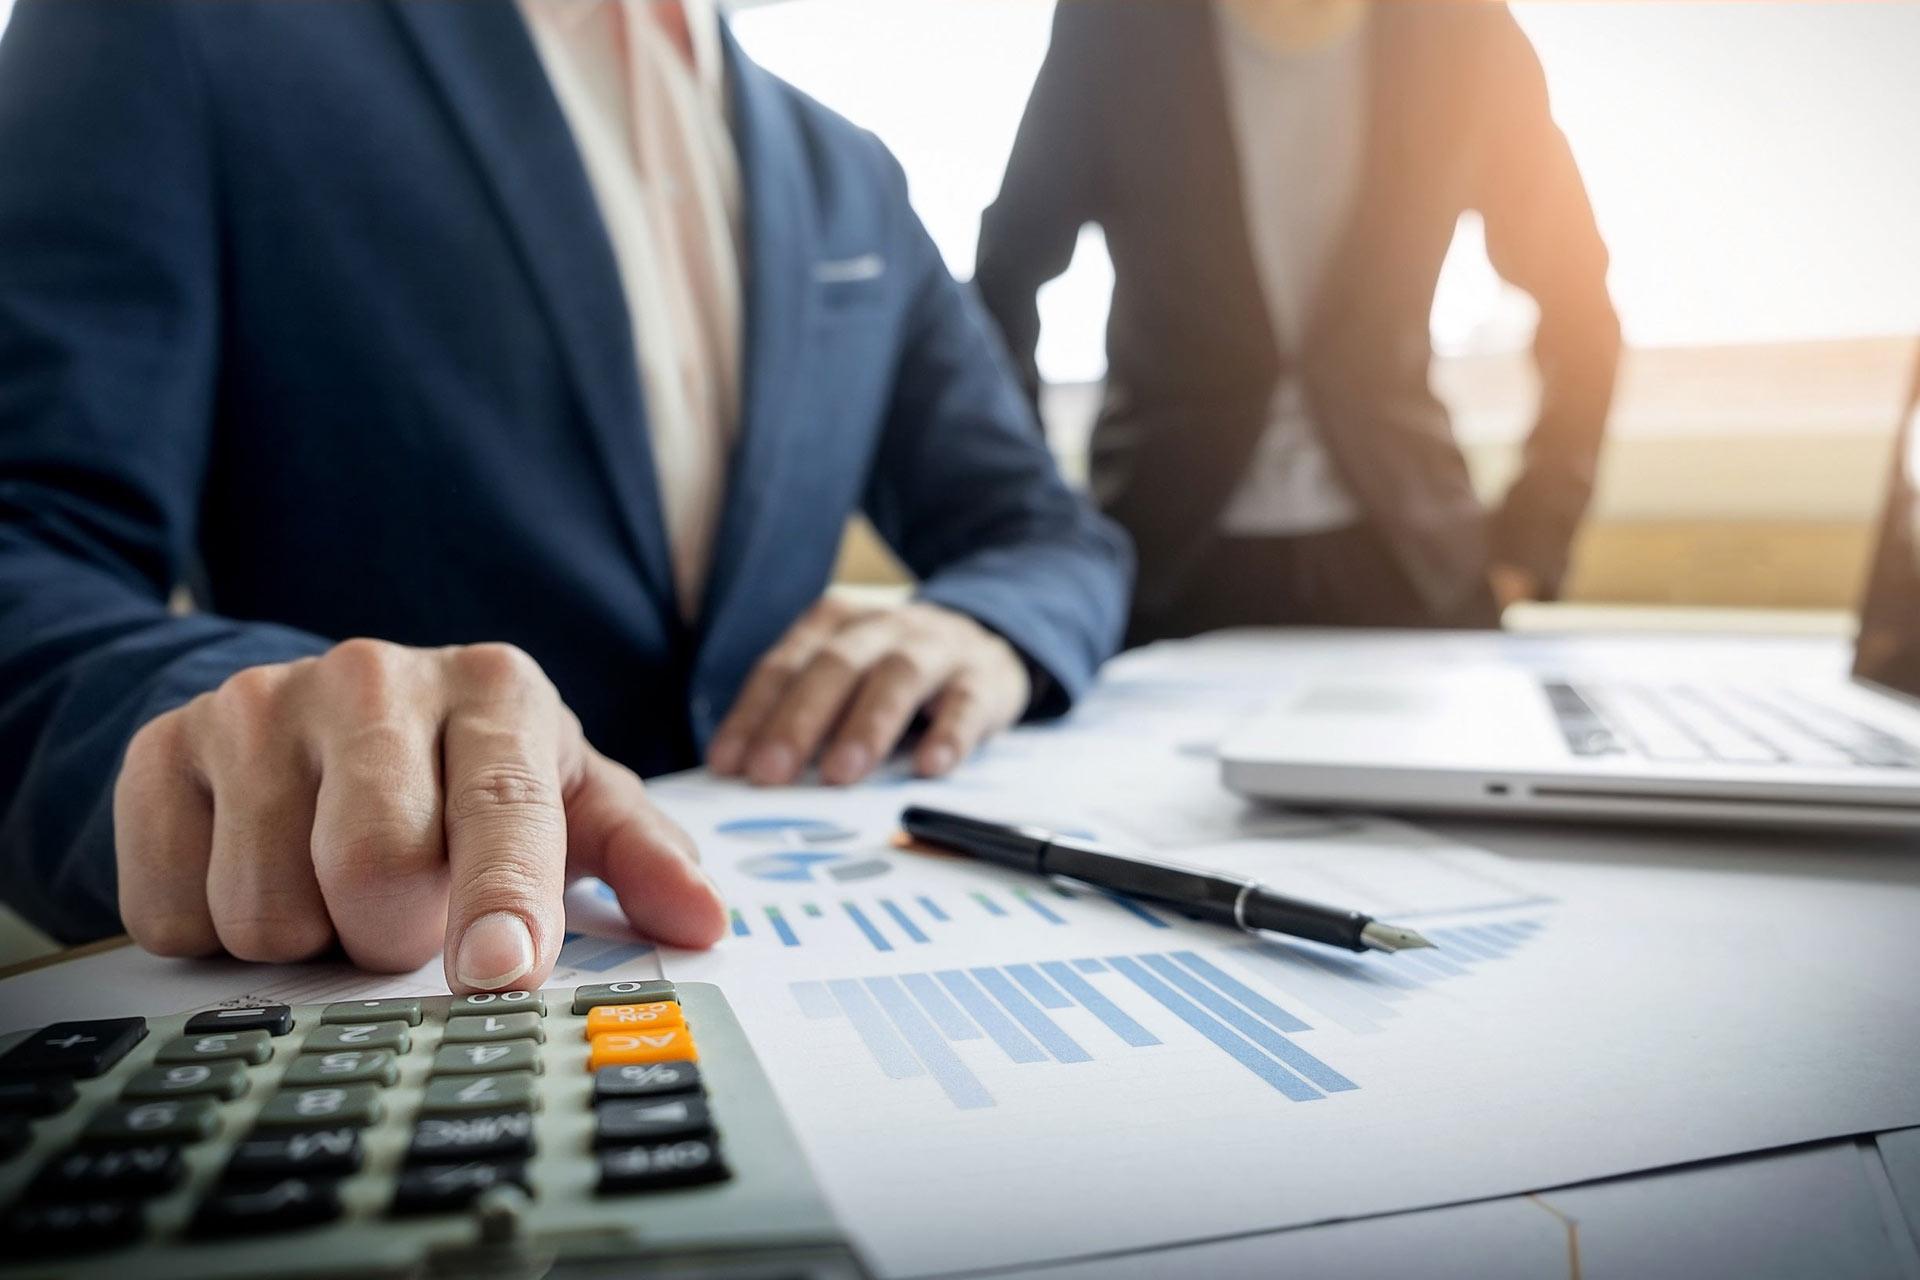 Вебинар: Цифры и метрики бизнеса